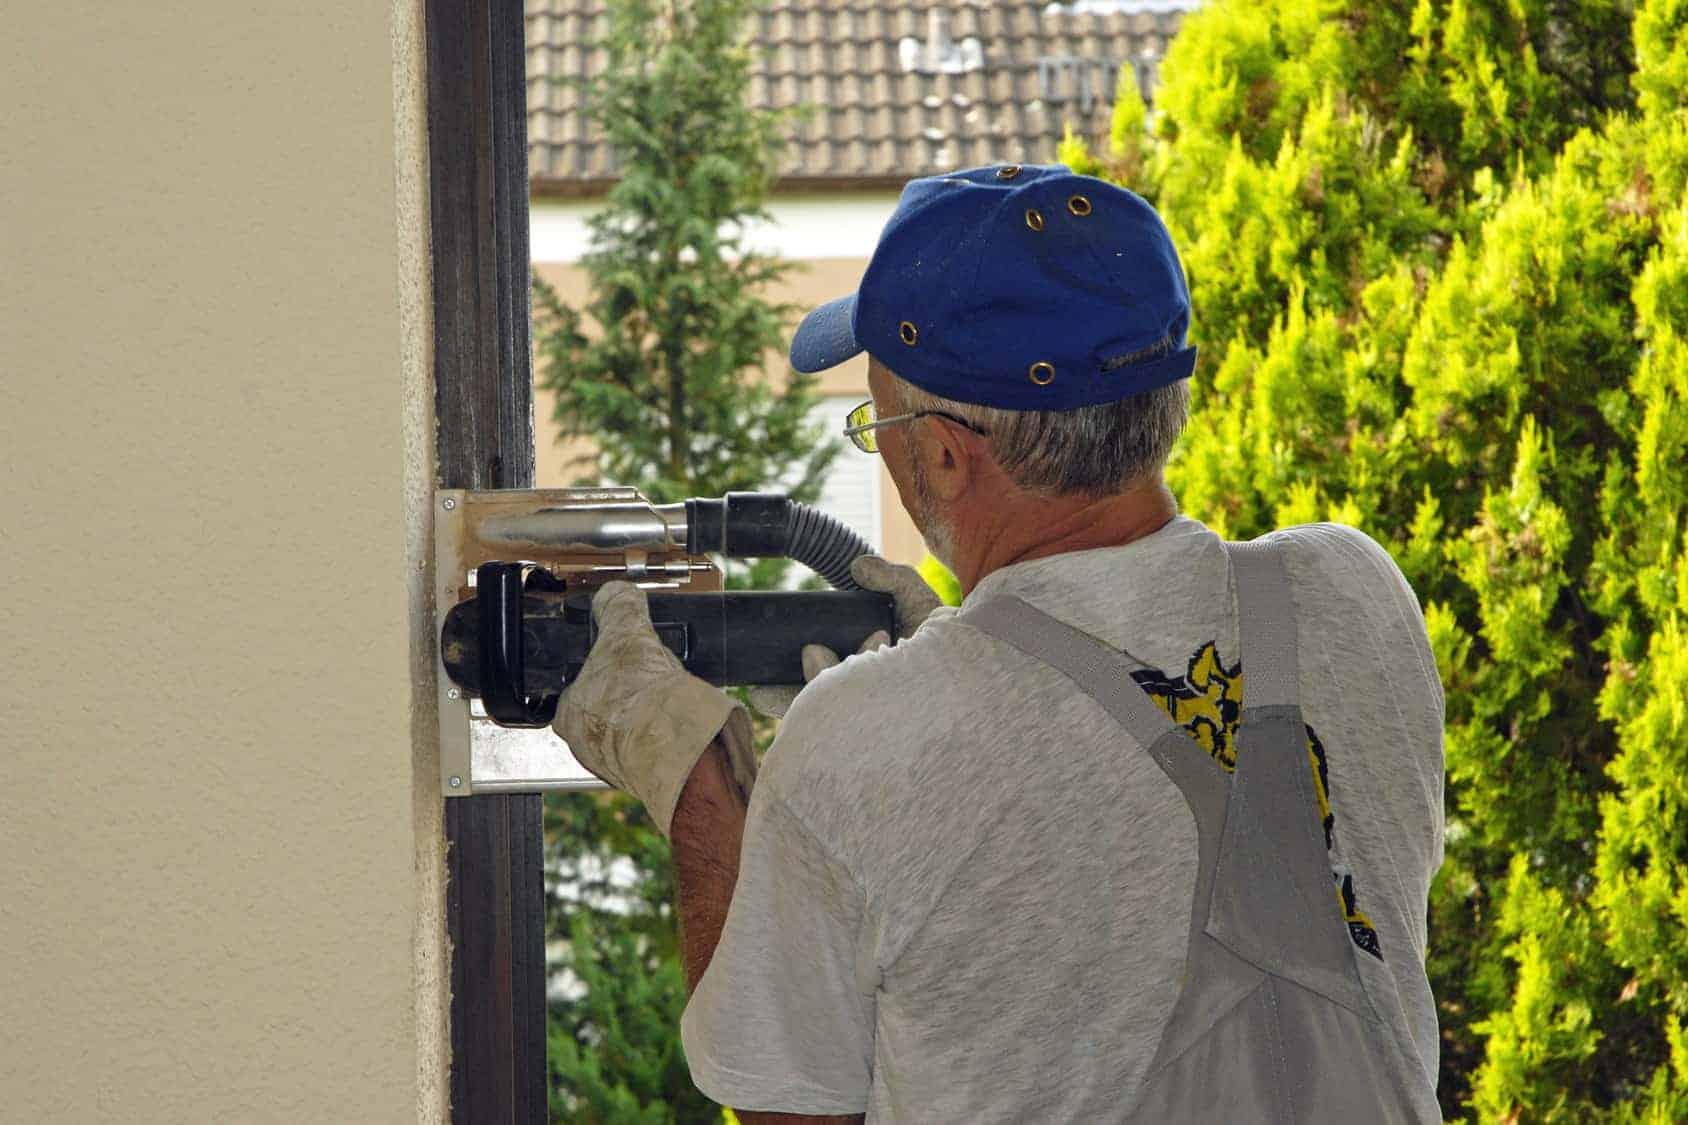 Fenstertausch: Handwerker entfernt die alten Fenster.